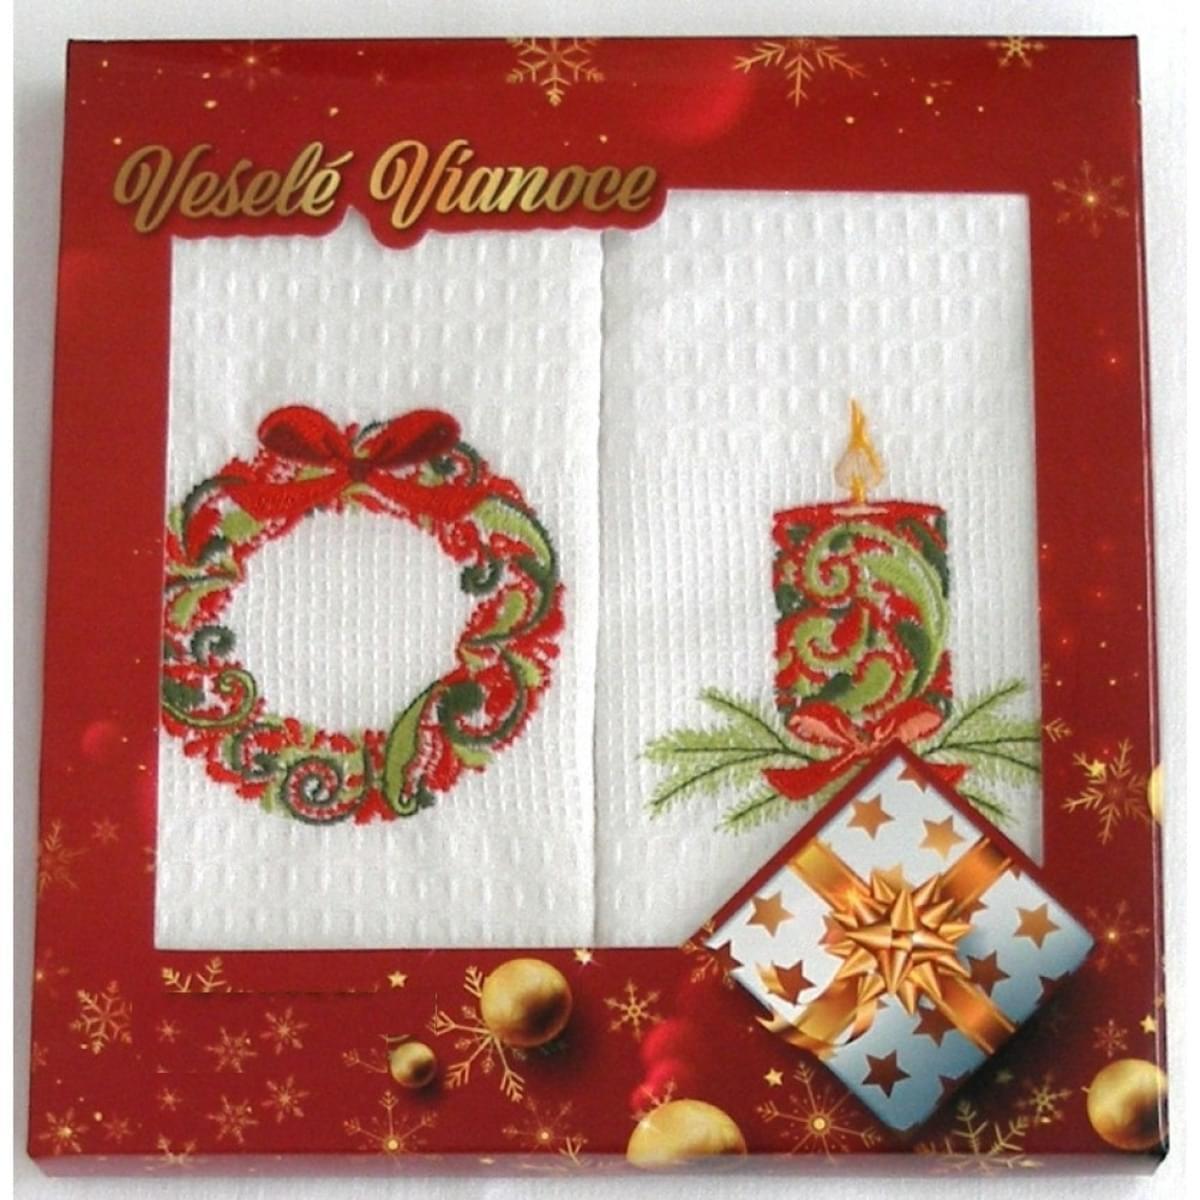 Bavlnené utierky Vianoční Darčekové balenie, Vianoce Advent sa sviec, sada 2 ks, 50 x 70 cm